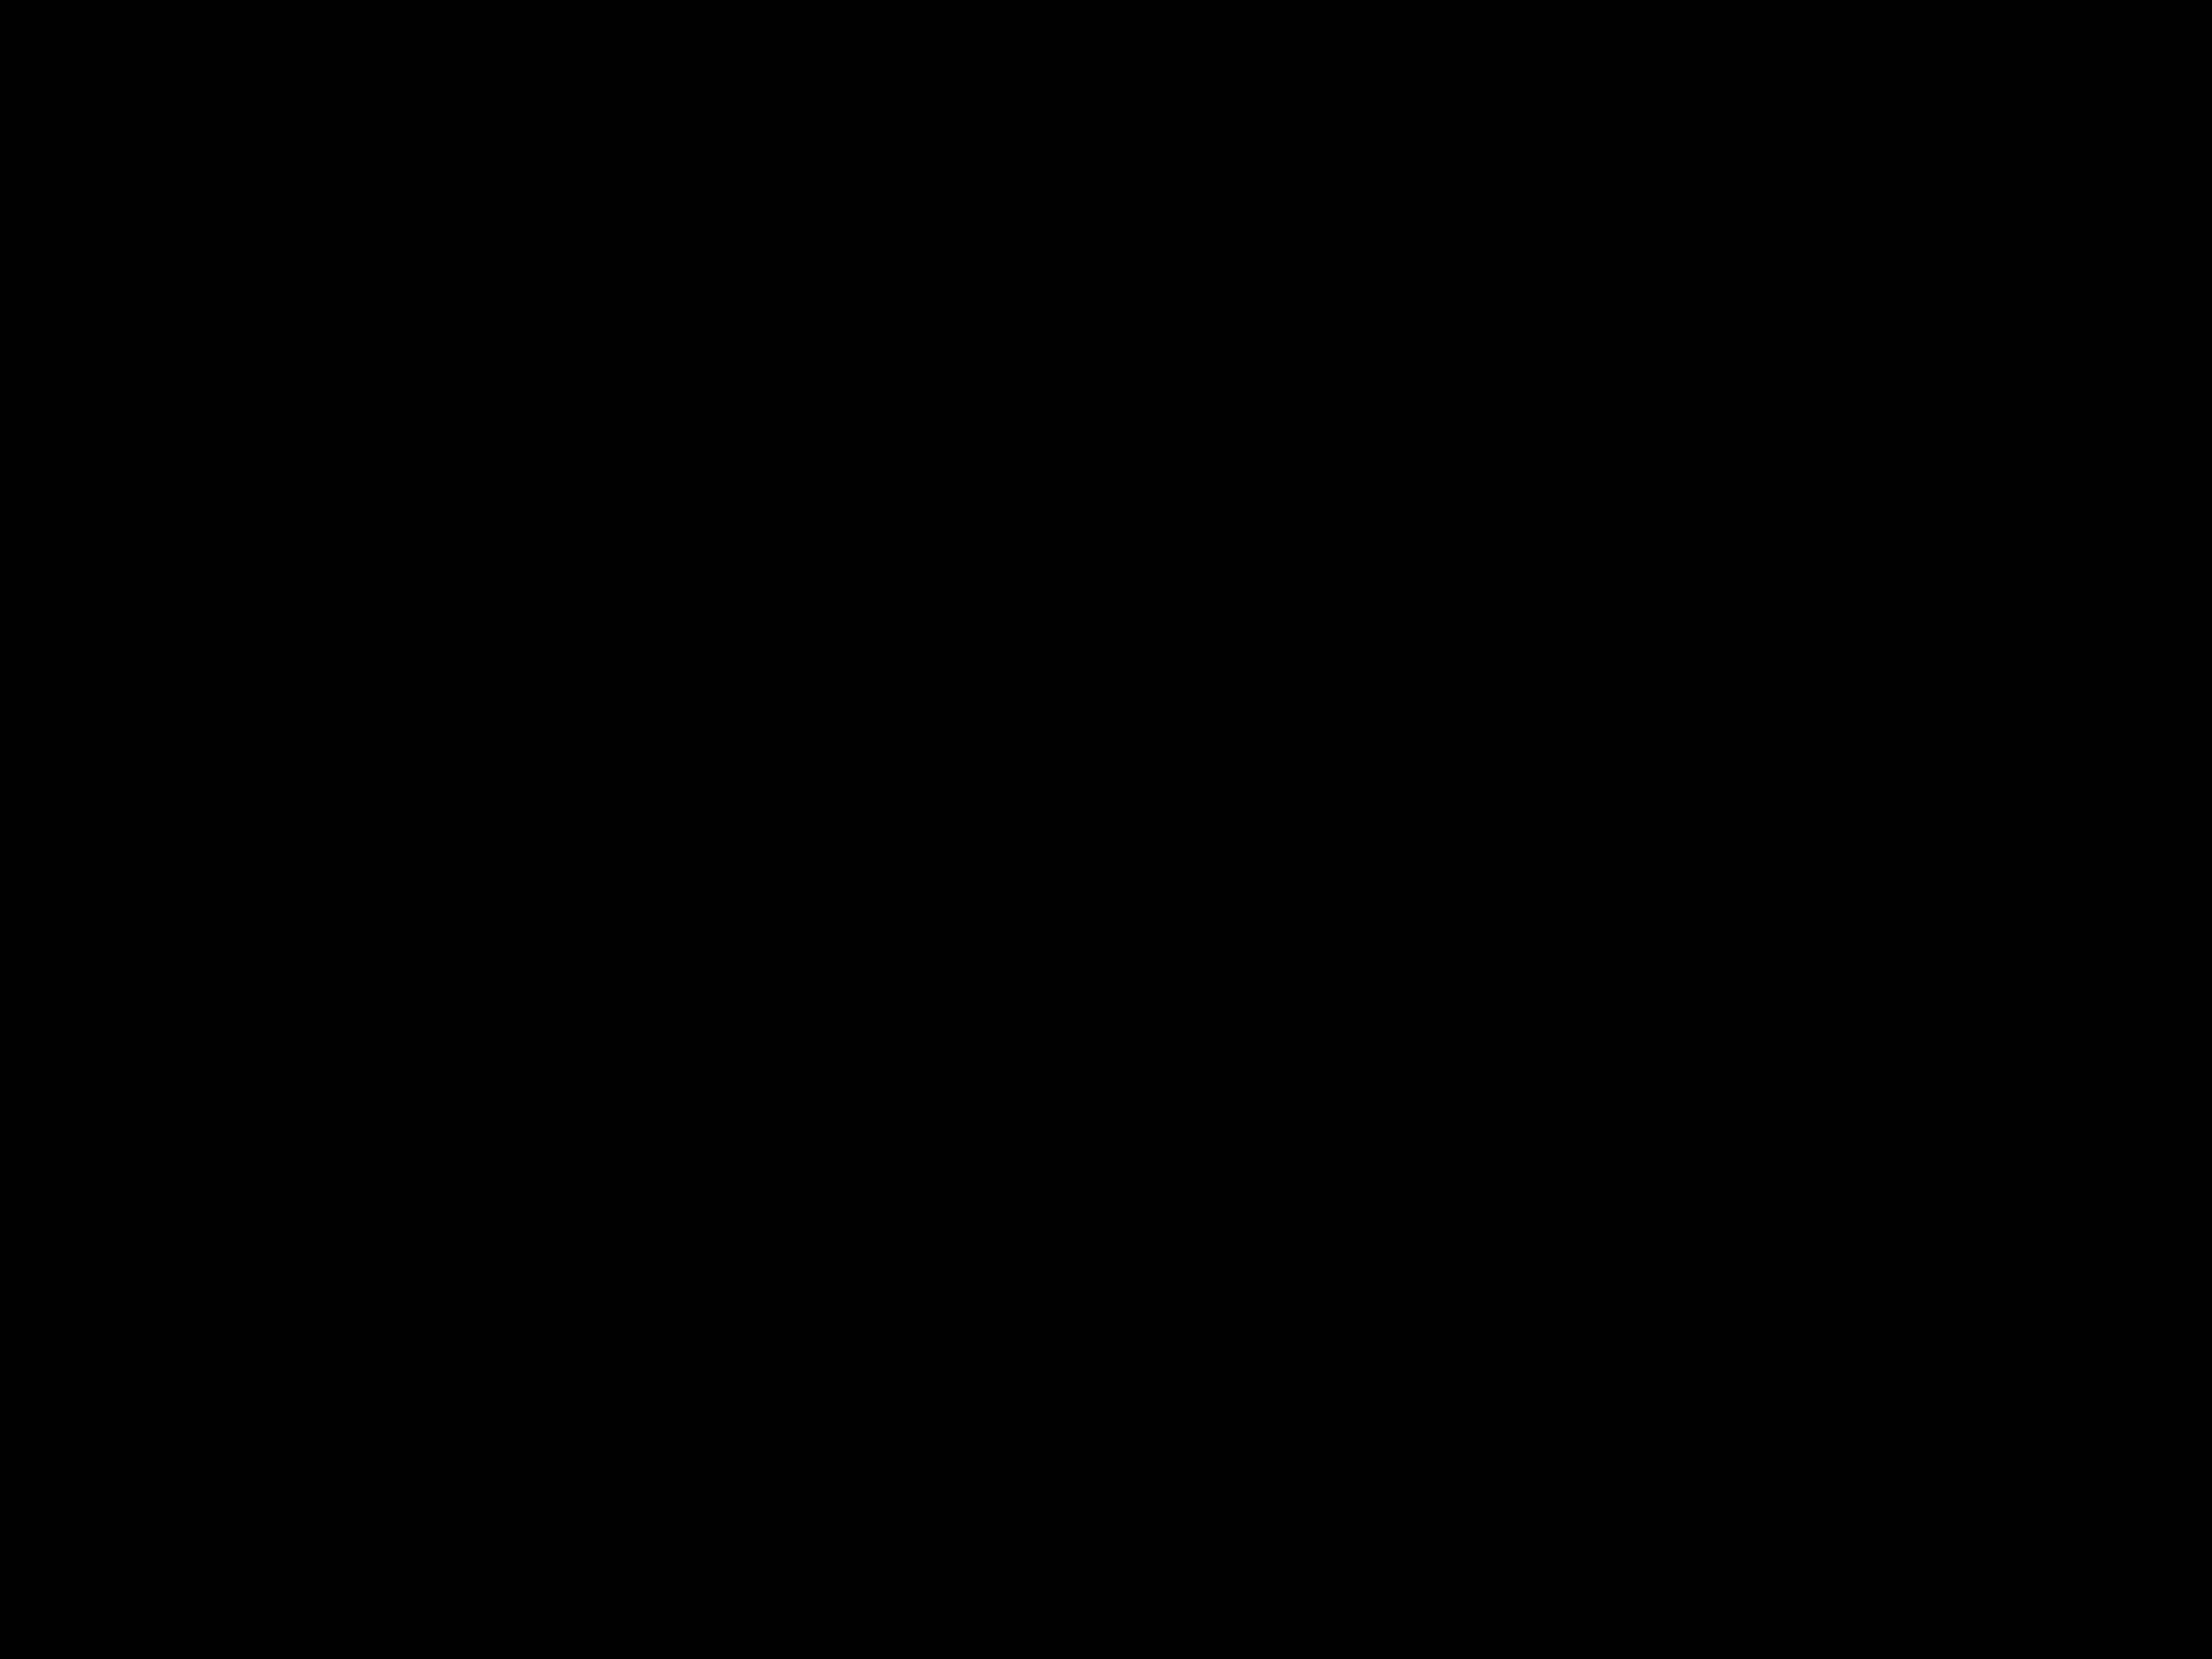 PKW, Autos Malvorlagen